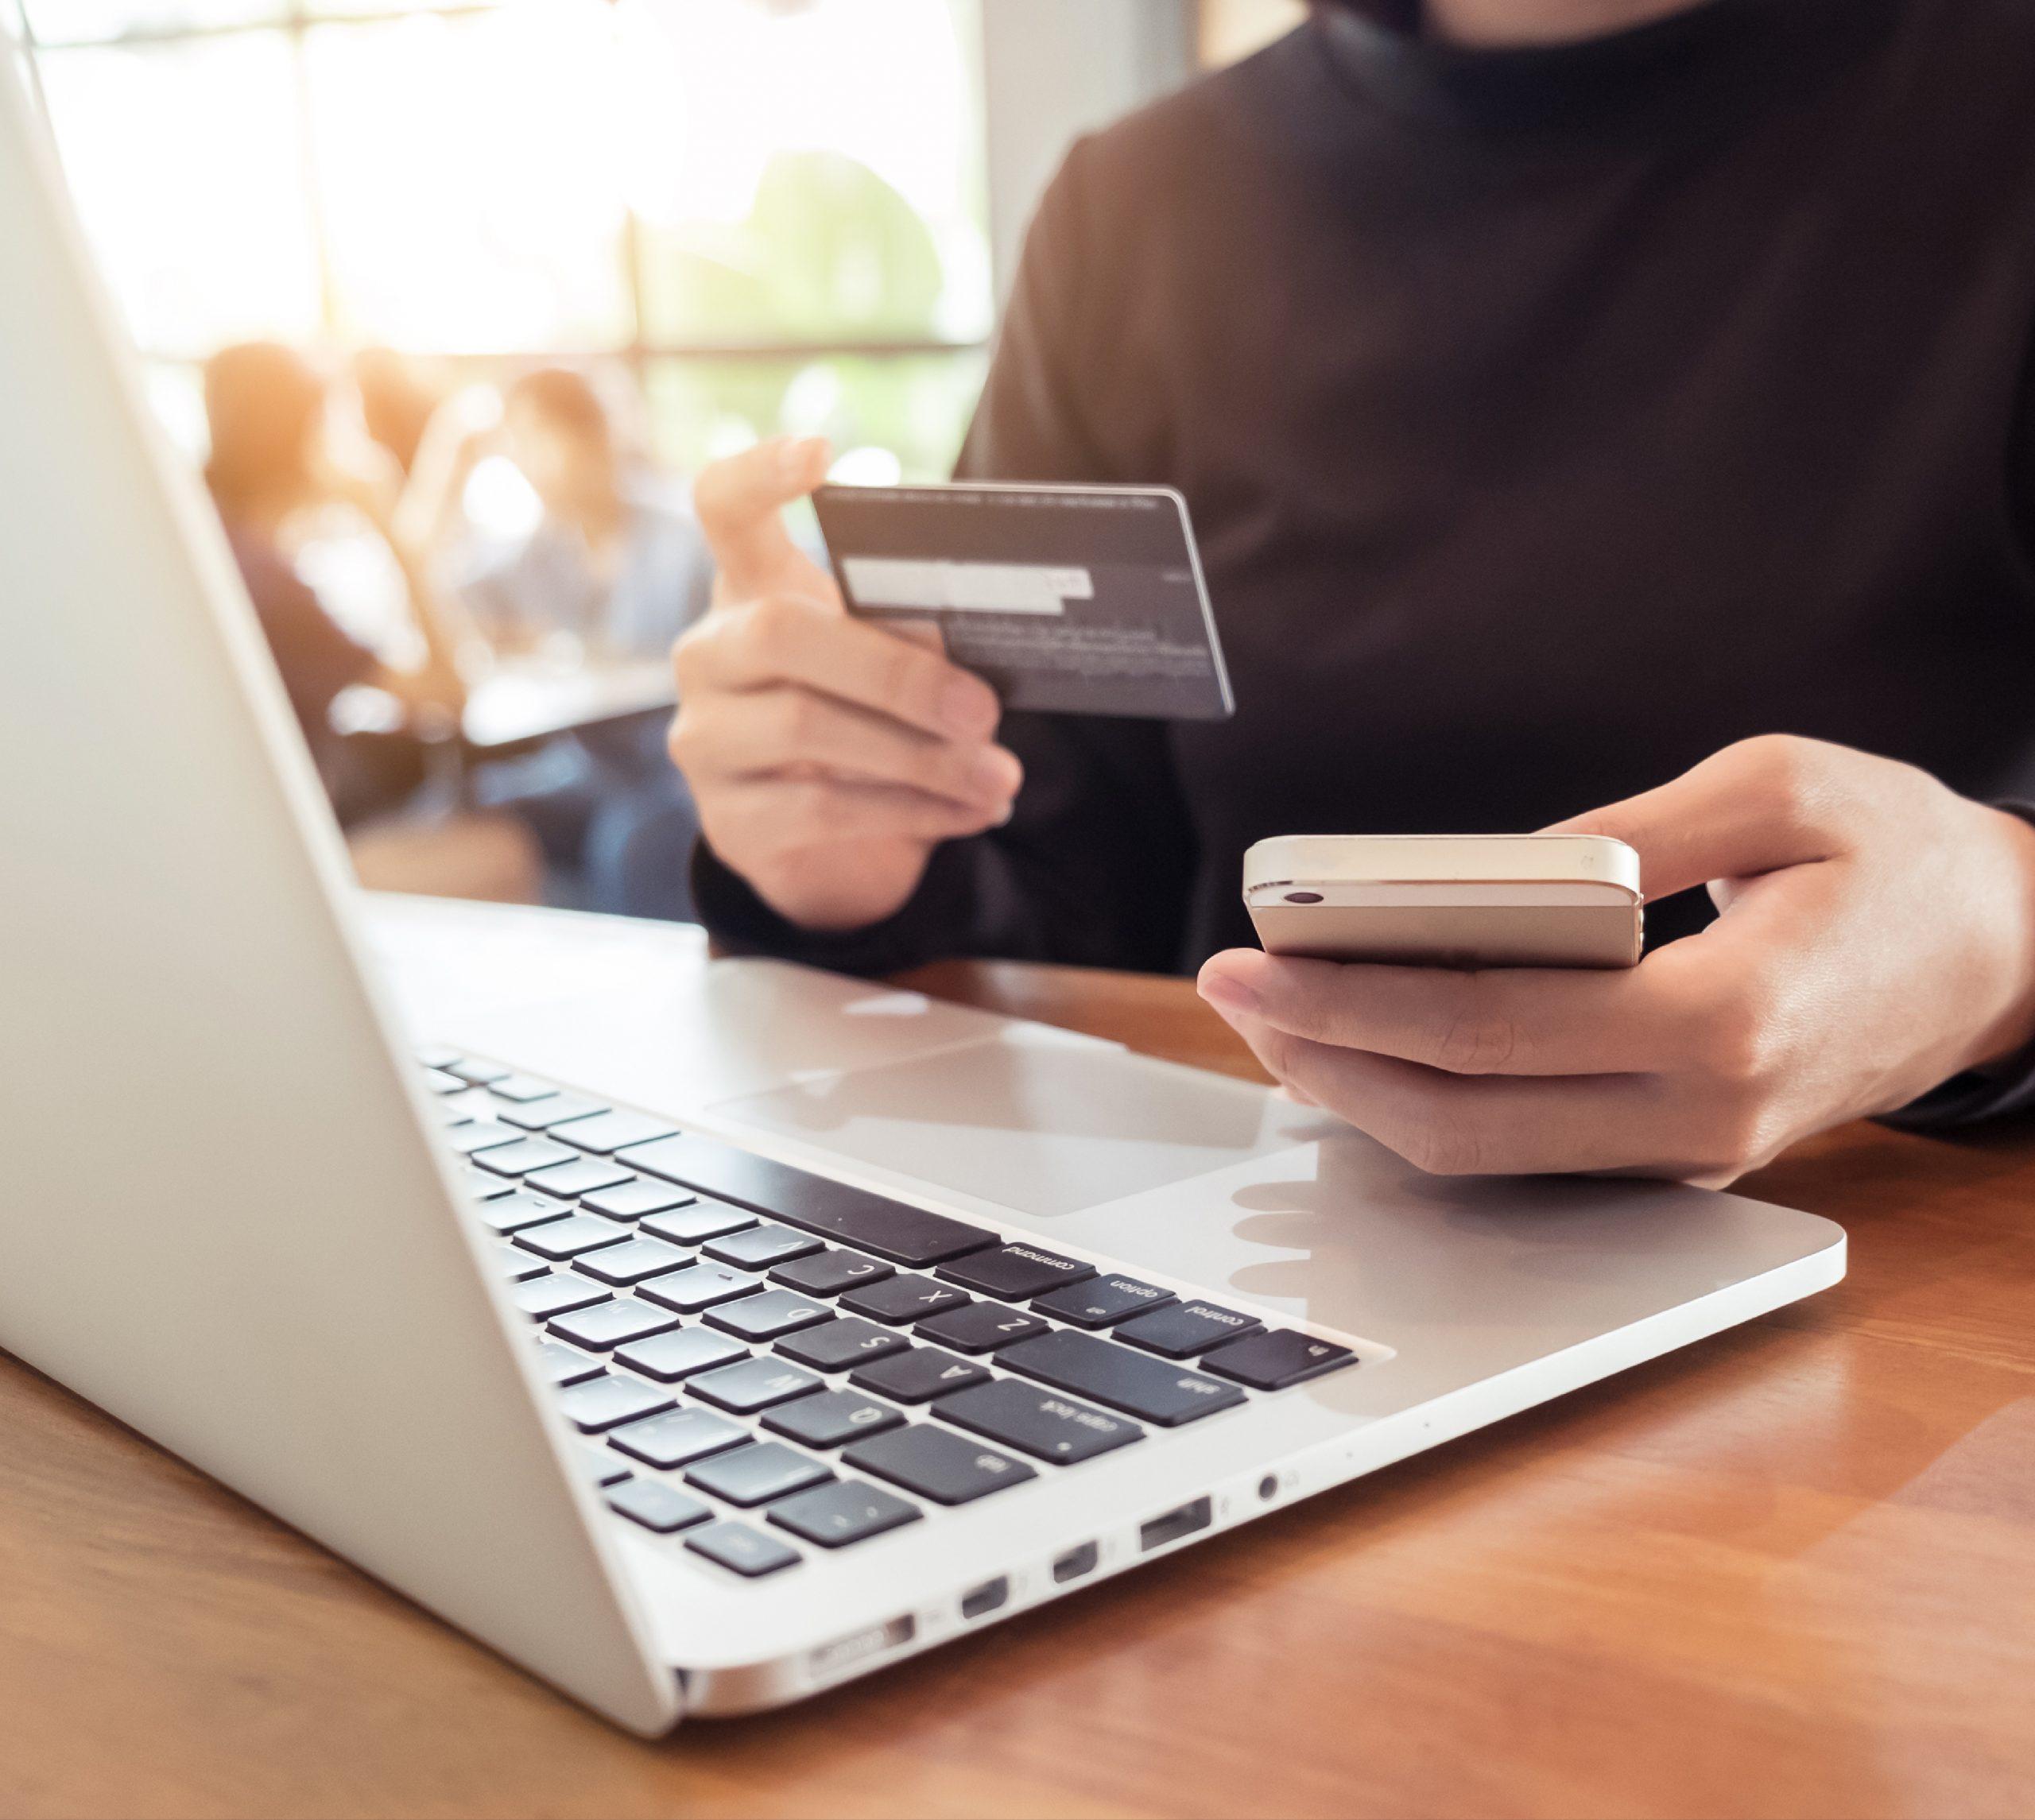 Tendências em pagamentos no e-commerce: confira o bate-papo com especialistas da área